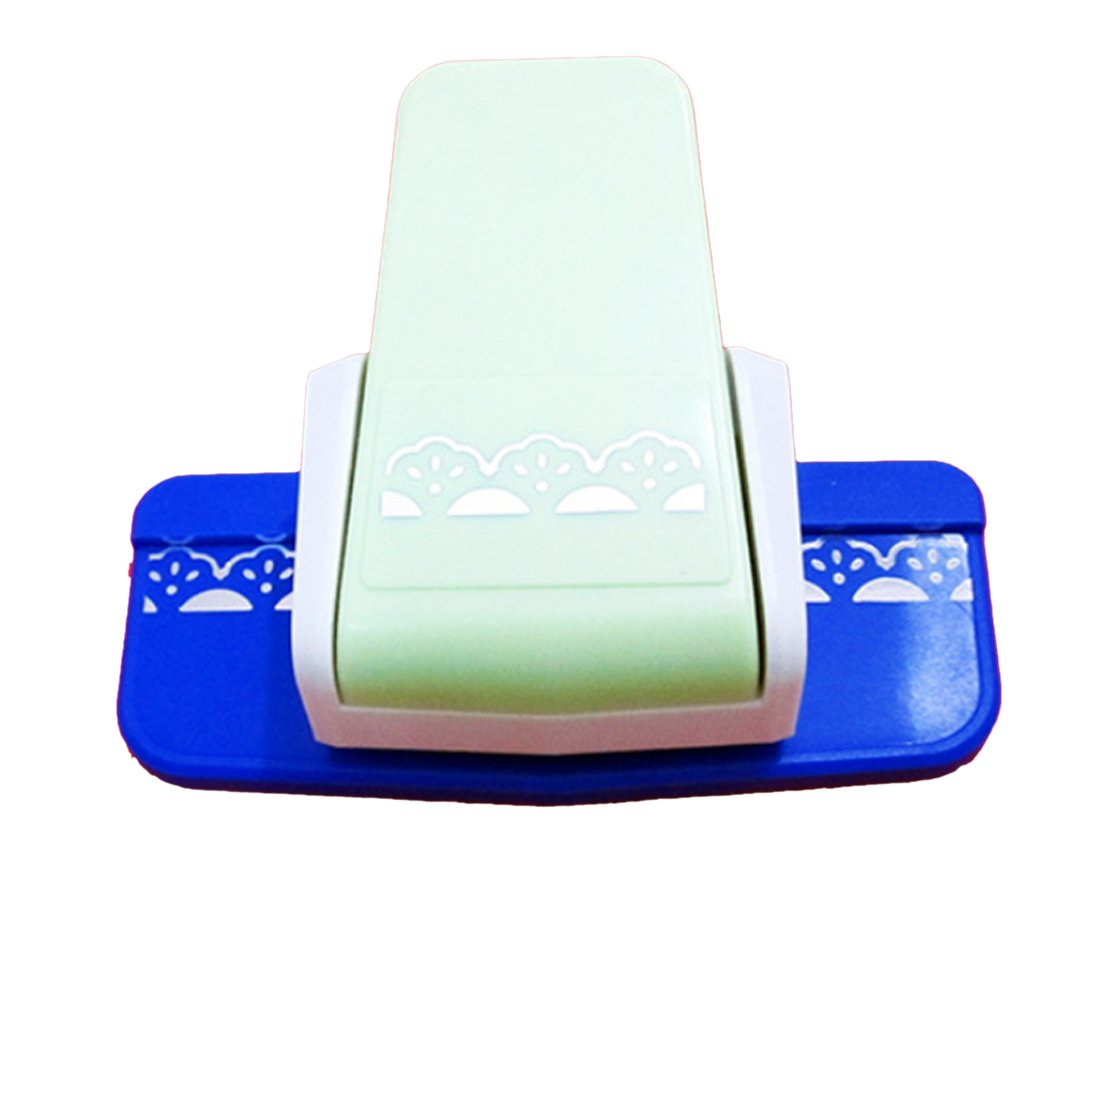 Luwu-Store Dispositif de gaufrer la Bordure du Papier et de la Carte/Machine à égrener d'impression d'éventail